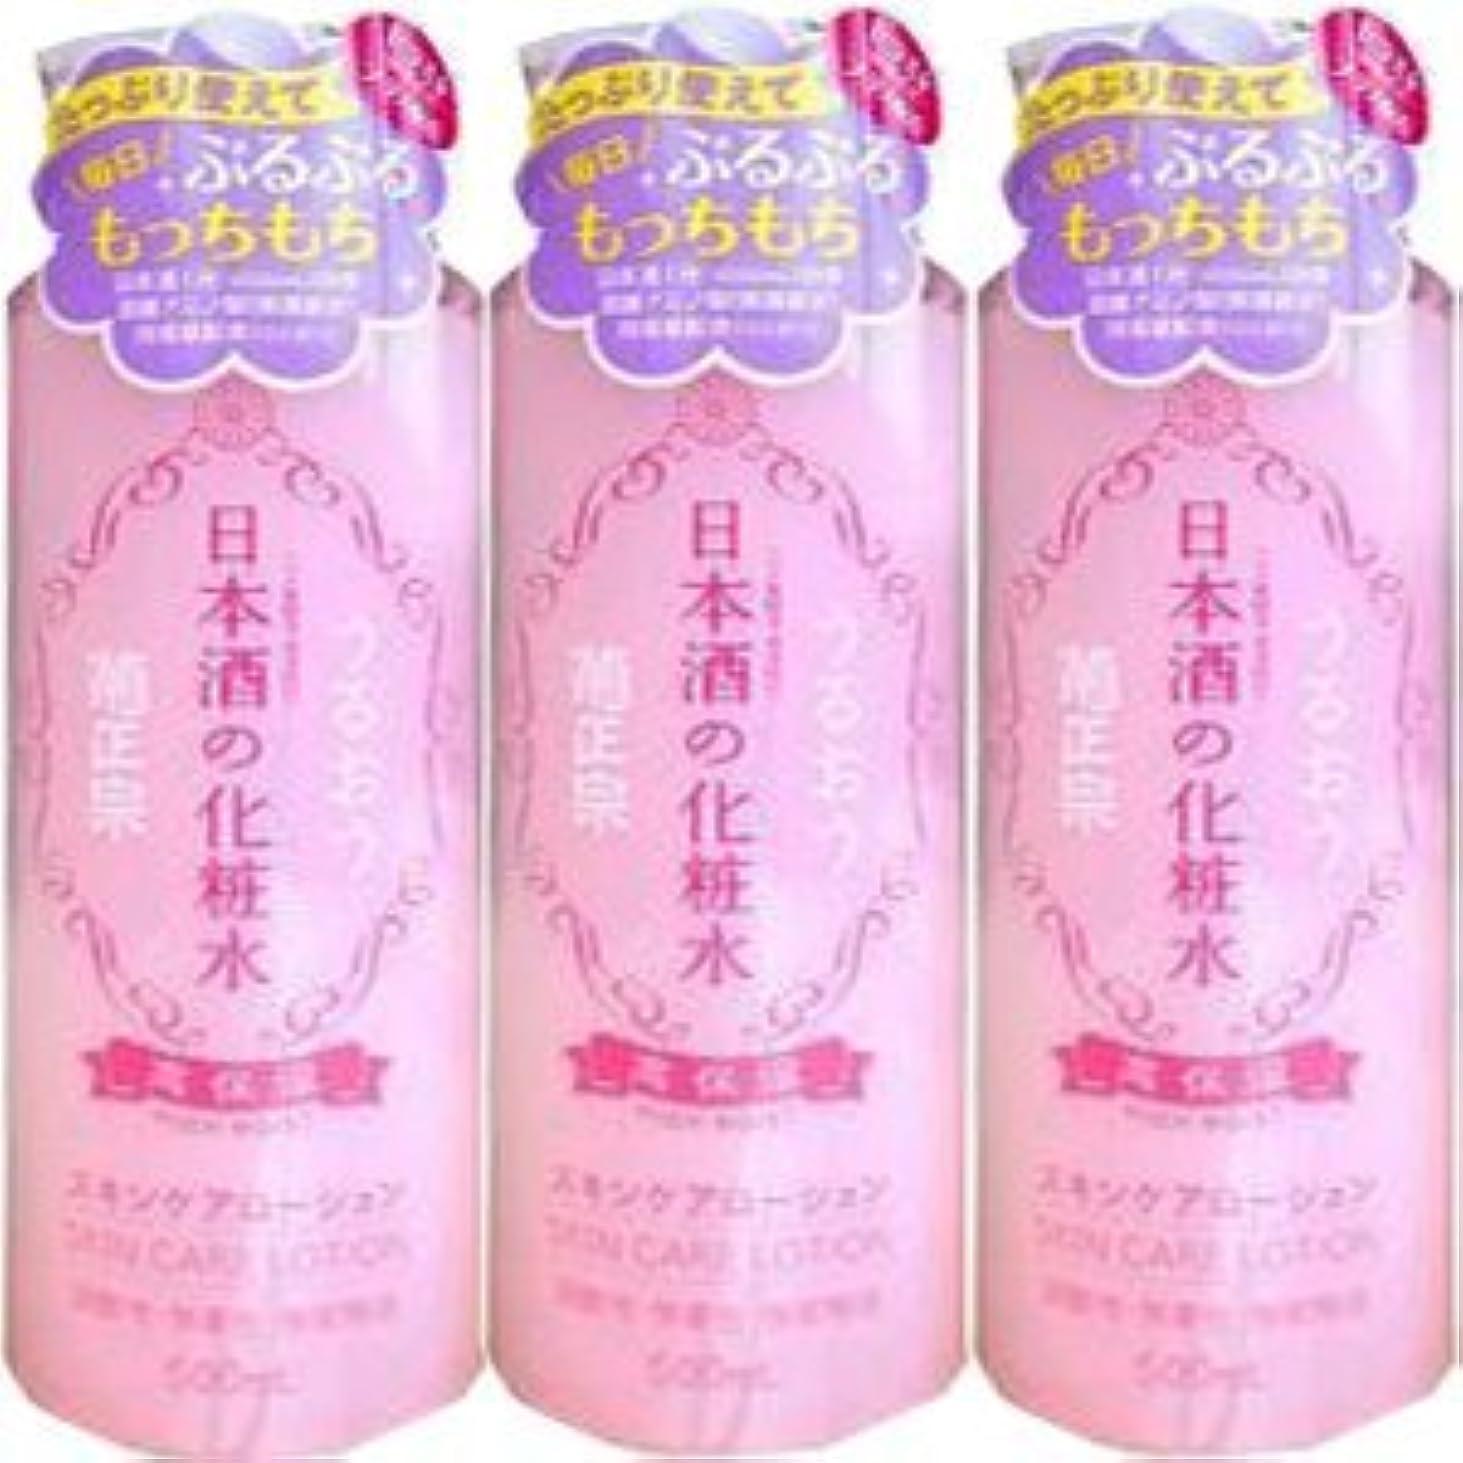 復活させるサーフィン領域【3個】 菊正宗 日本酒の化粧水 高保湿 500mlx3個 (4971650800578)